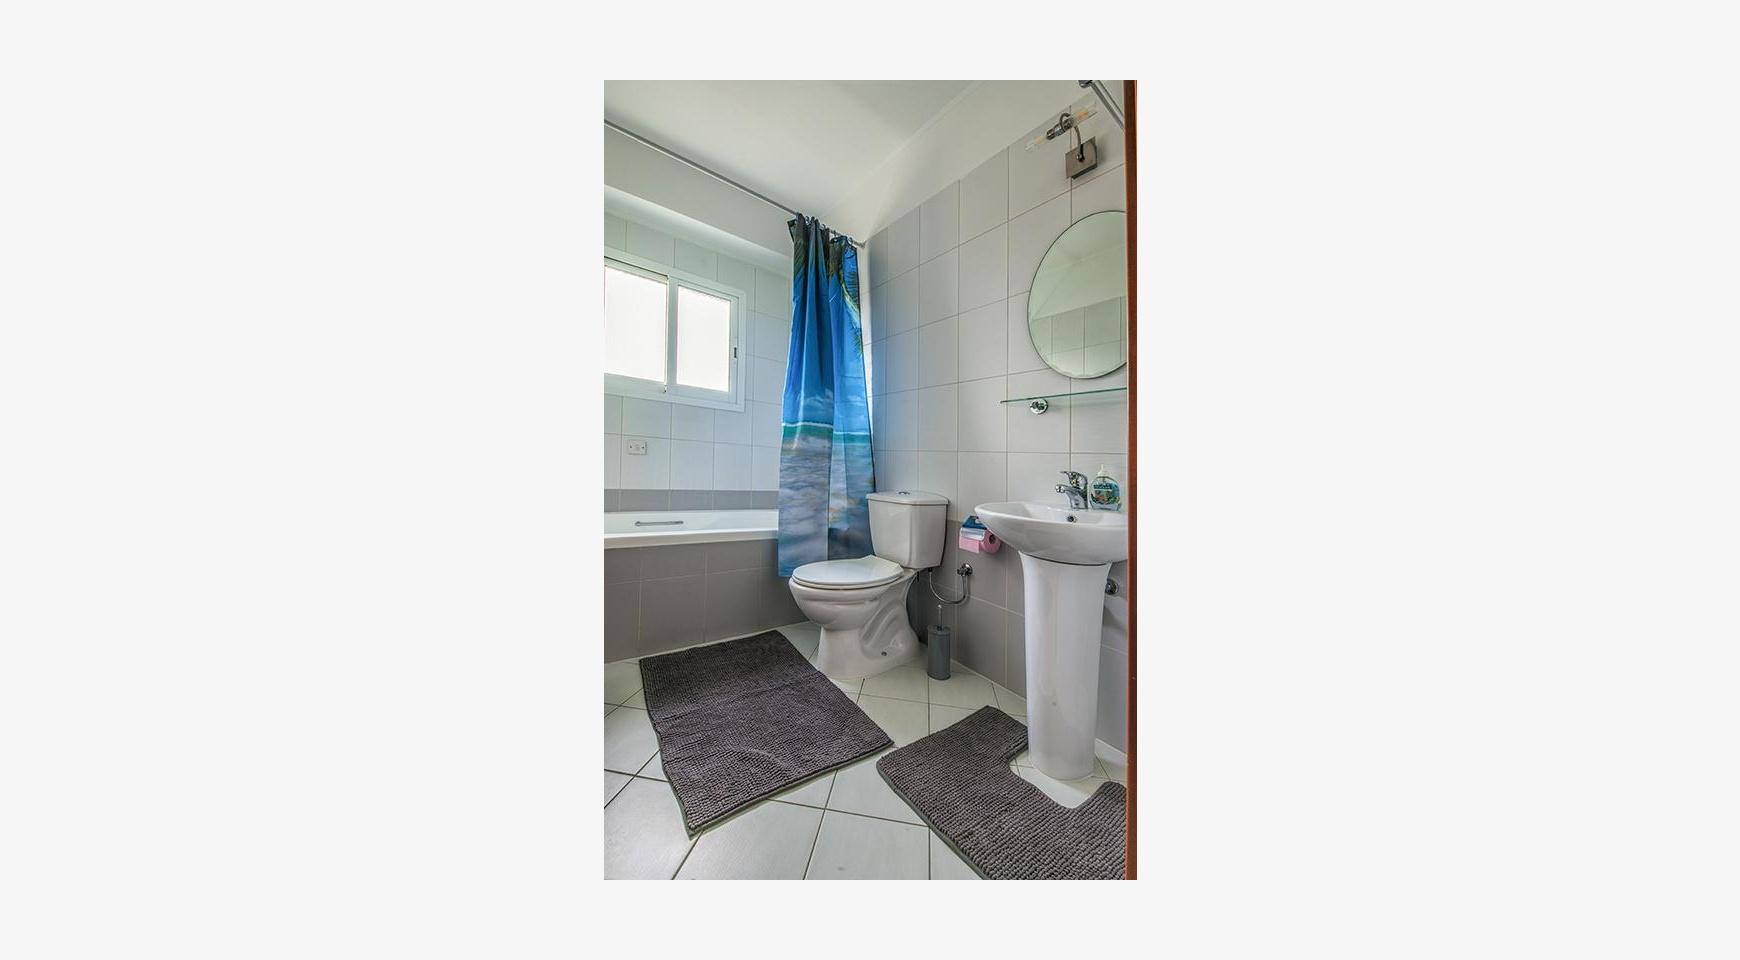 """2-Спальная Квартира - Люкс """"Mesogios Iris 301"""" в Туристической Зоне возле Моря - 7"""